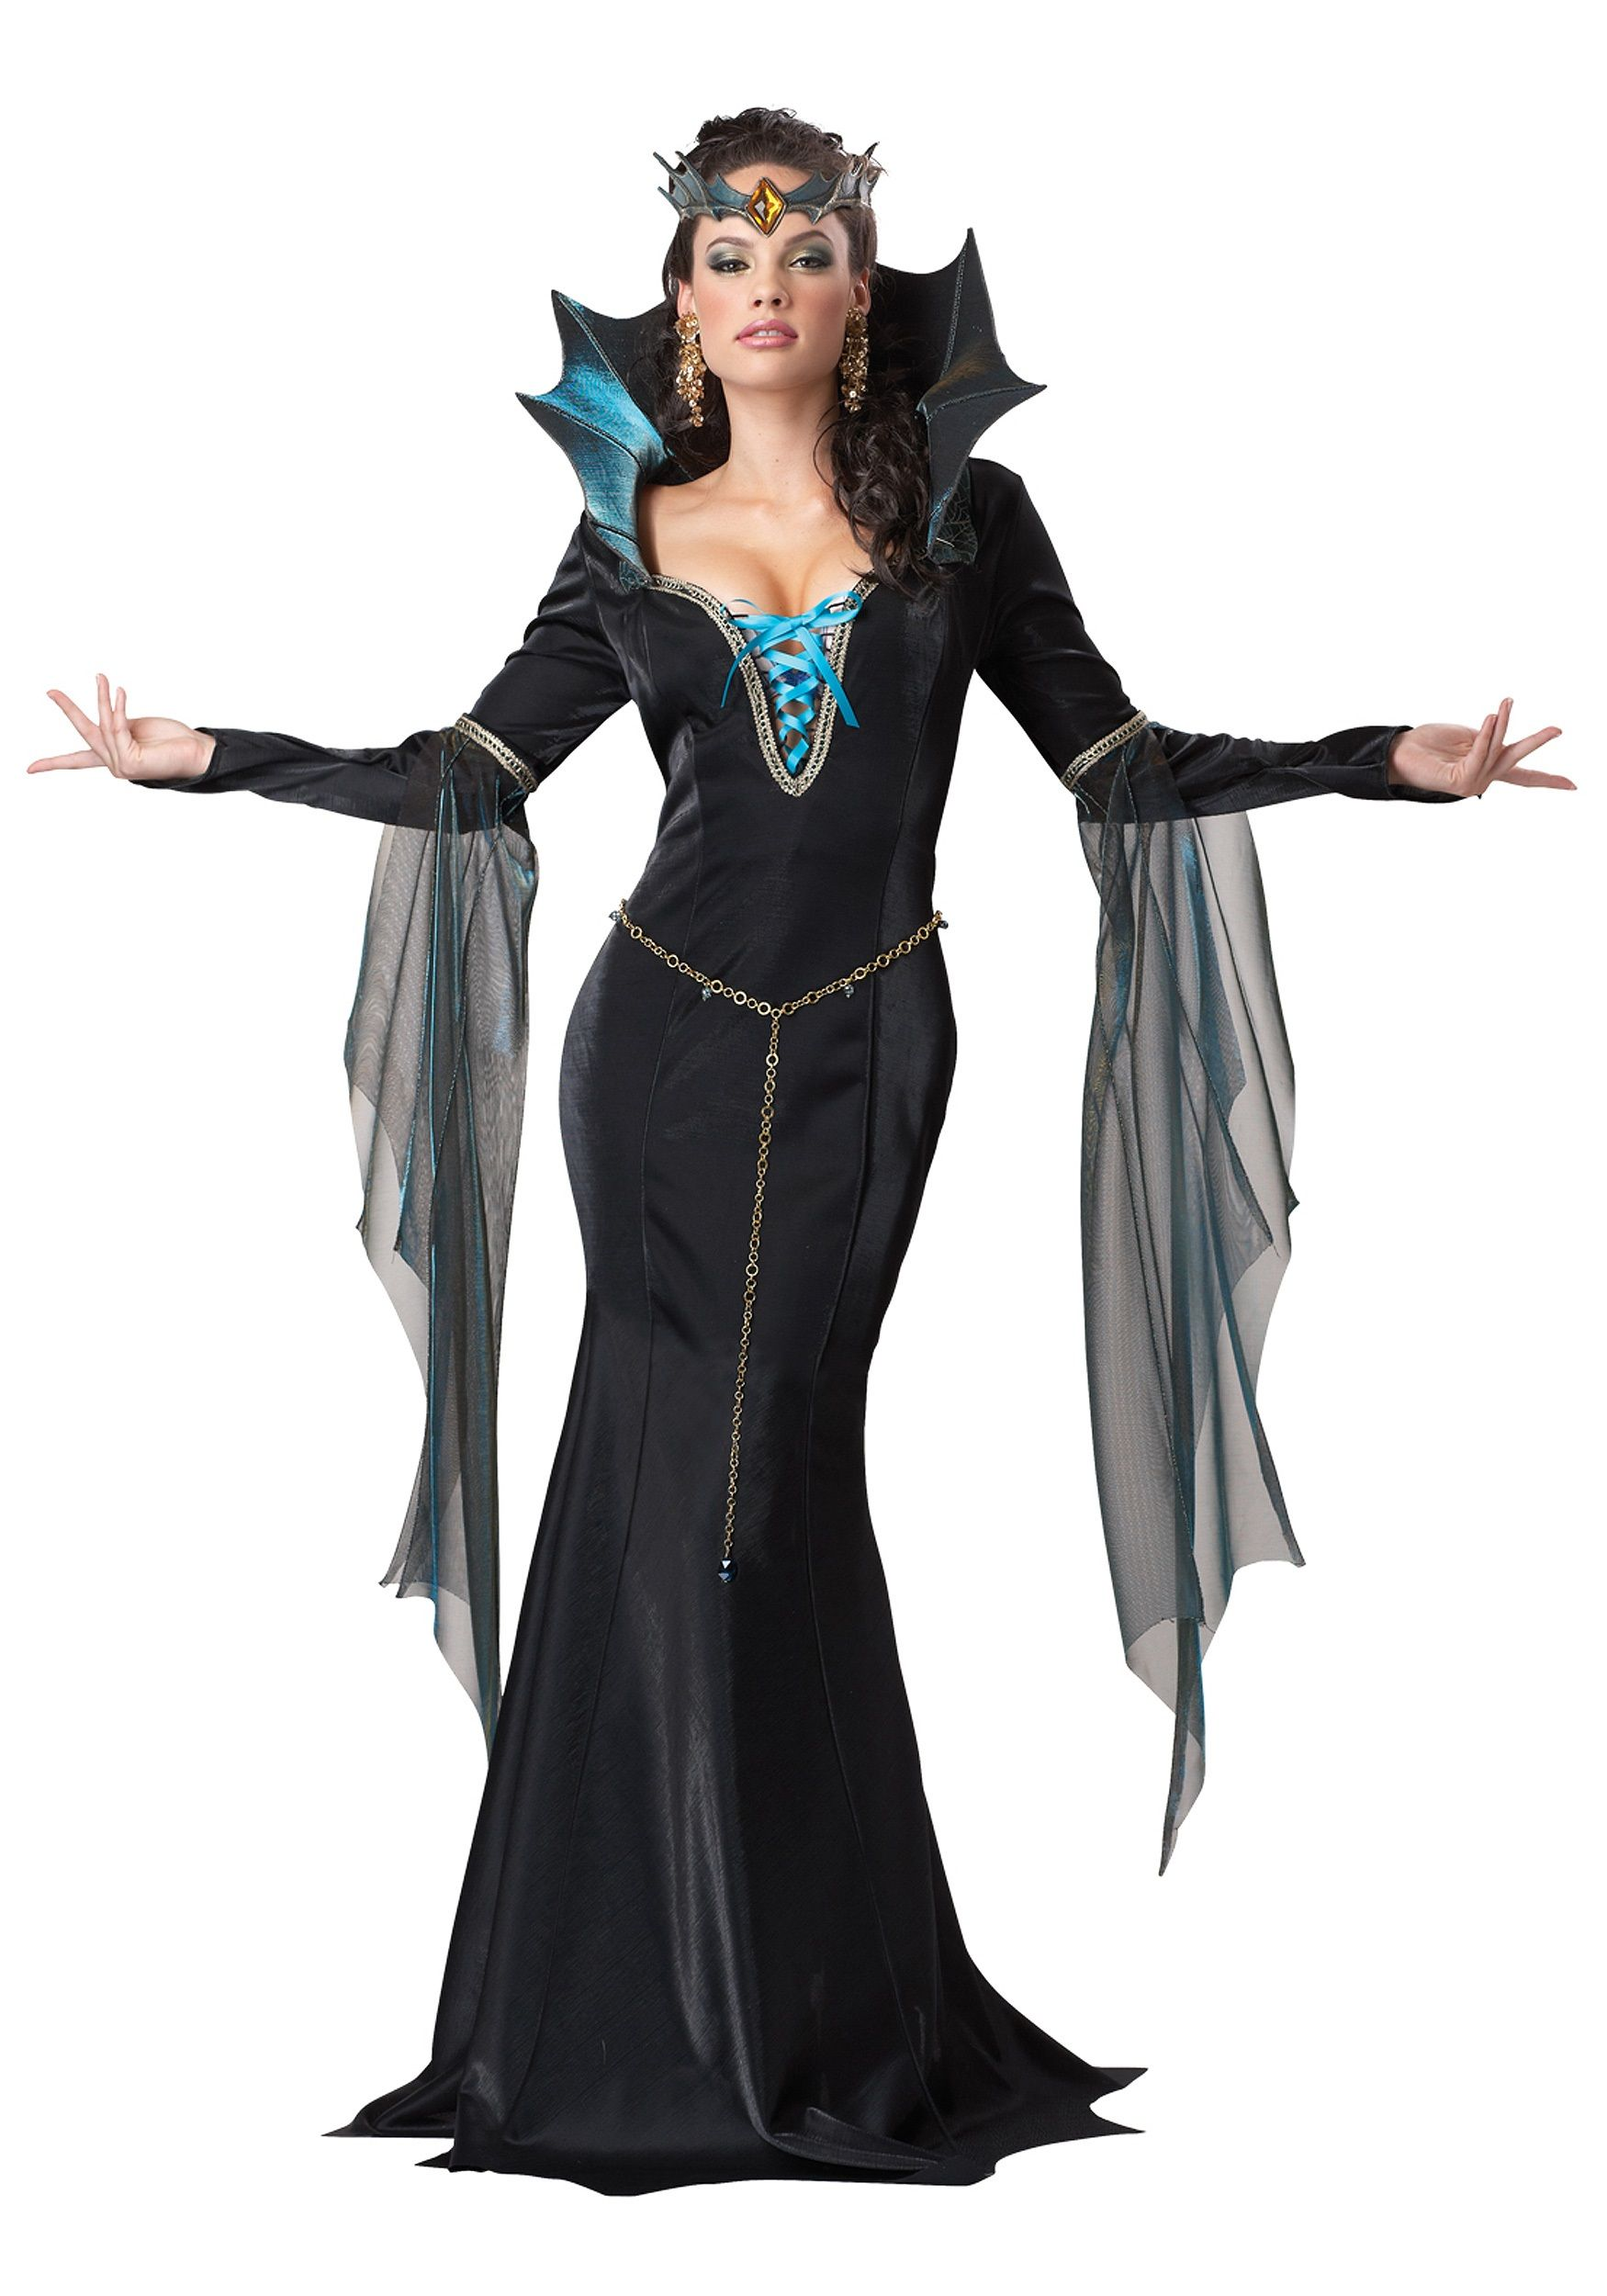 Top 10 Teenagers Halloween Costumes Trends in 2017 | Sorceress ...